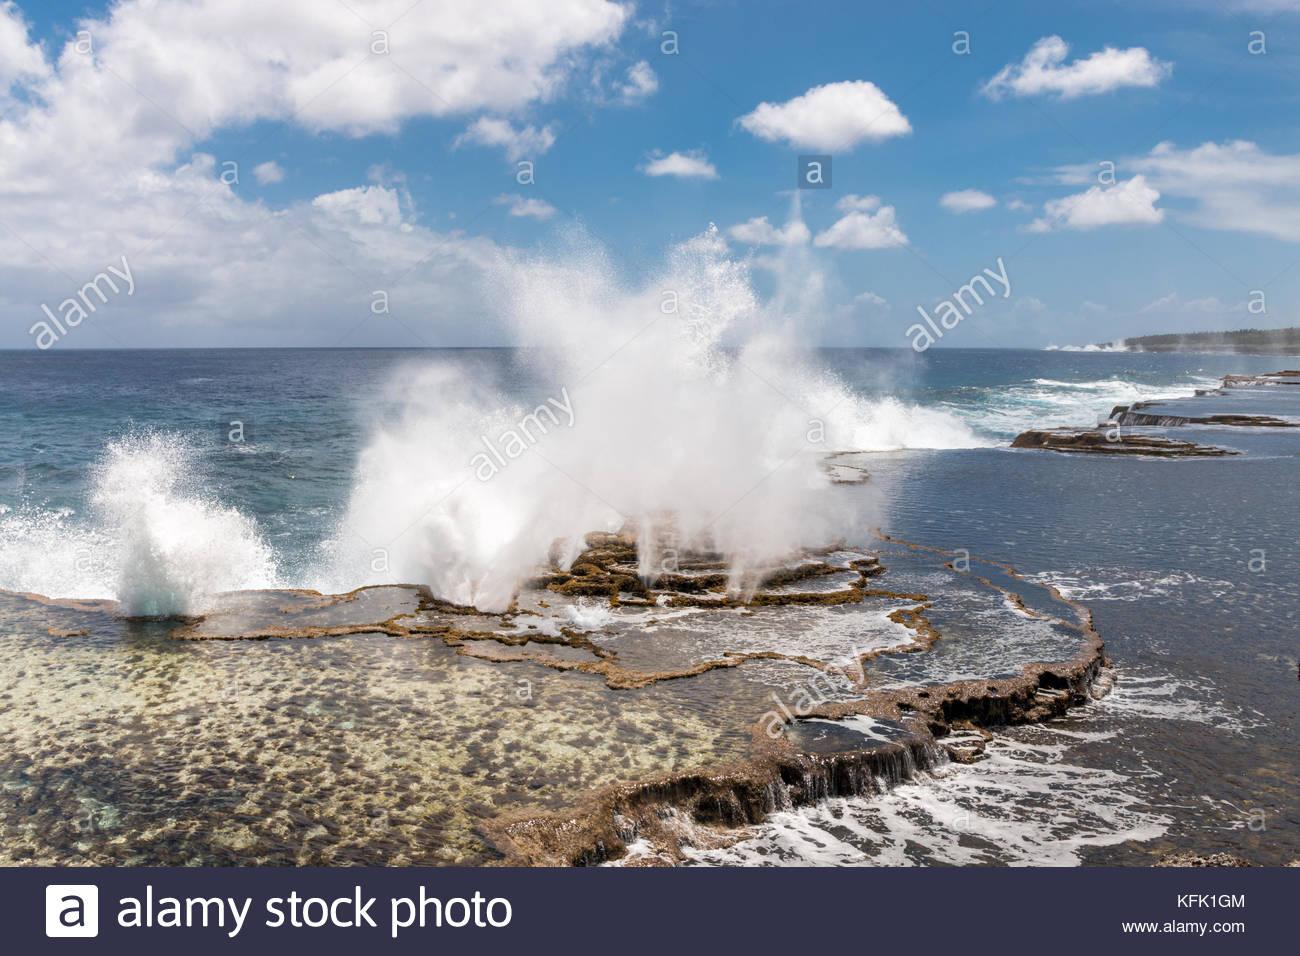 Mapu'a 'a Vaea Blowholes, Tongatapu, Tonga - Stock Image